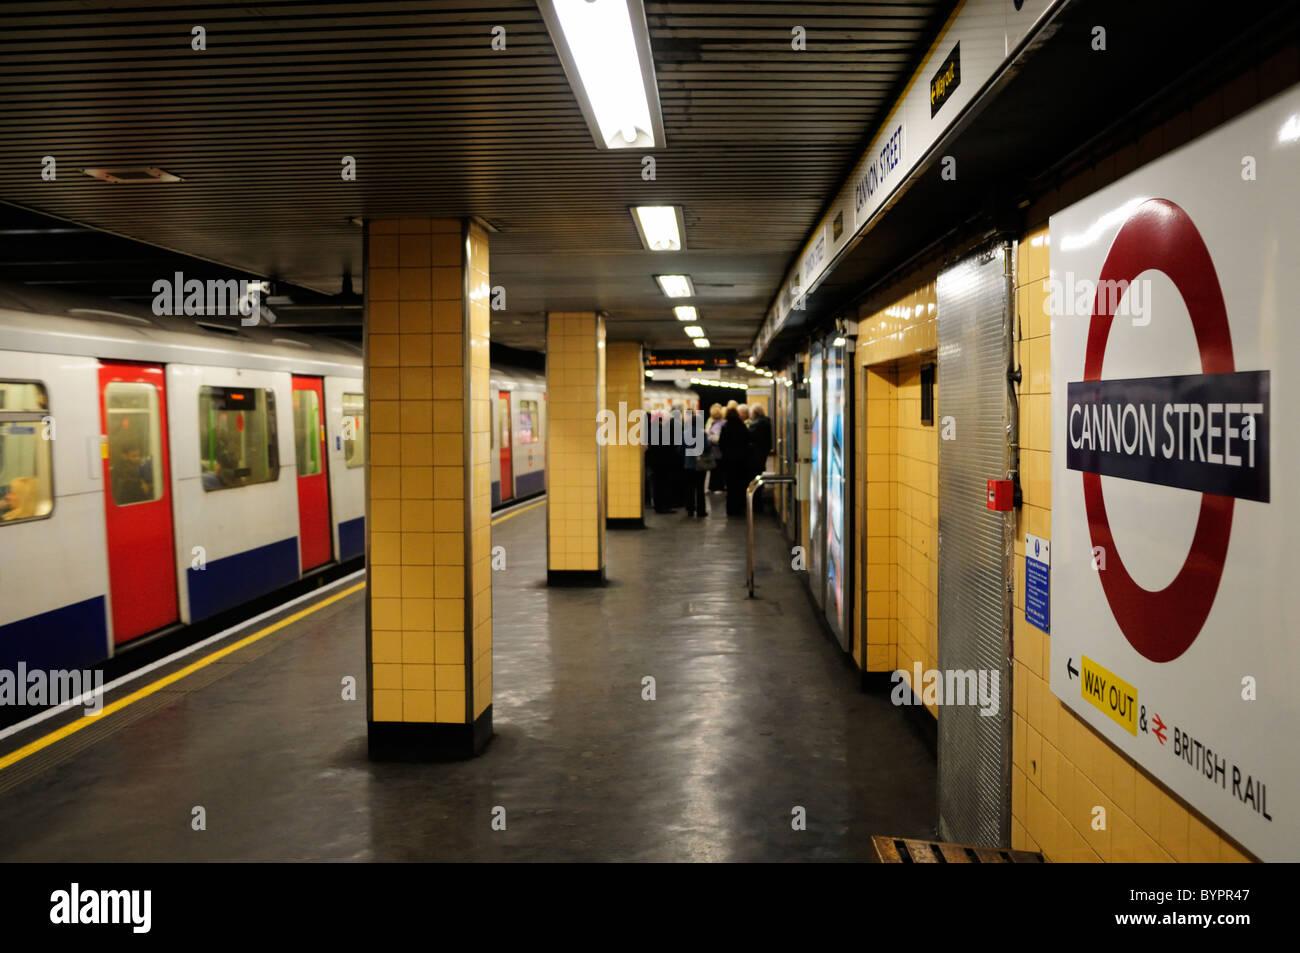 Cannon Street Underground Tube Station, London, England, UK - Stock Image